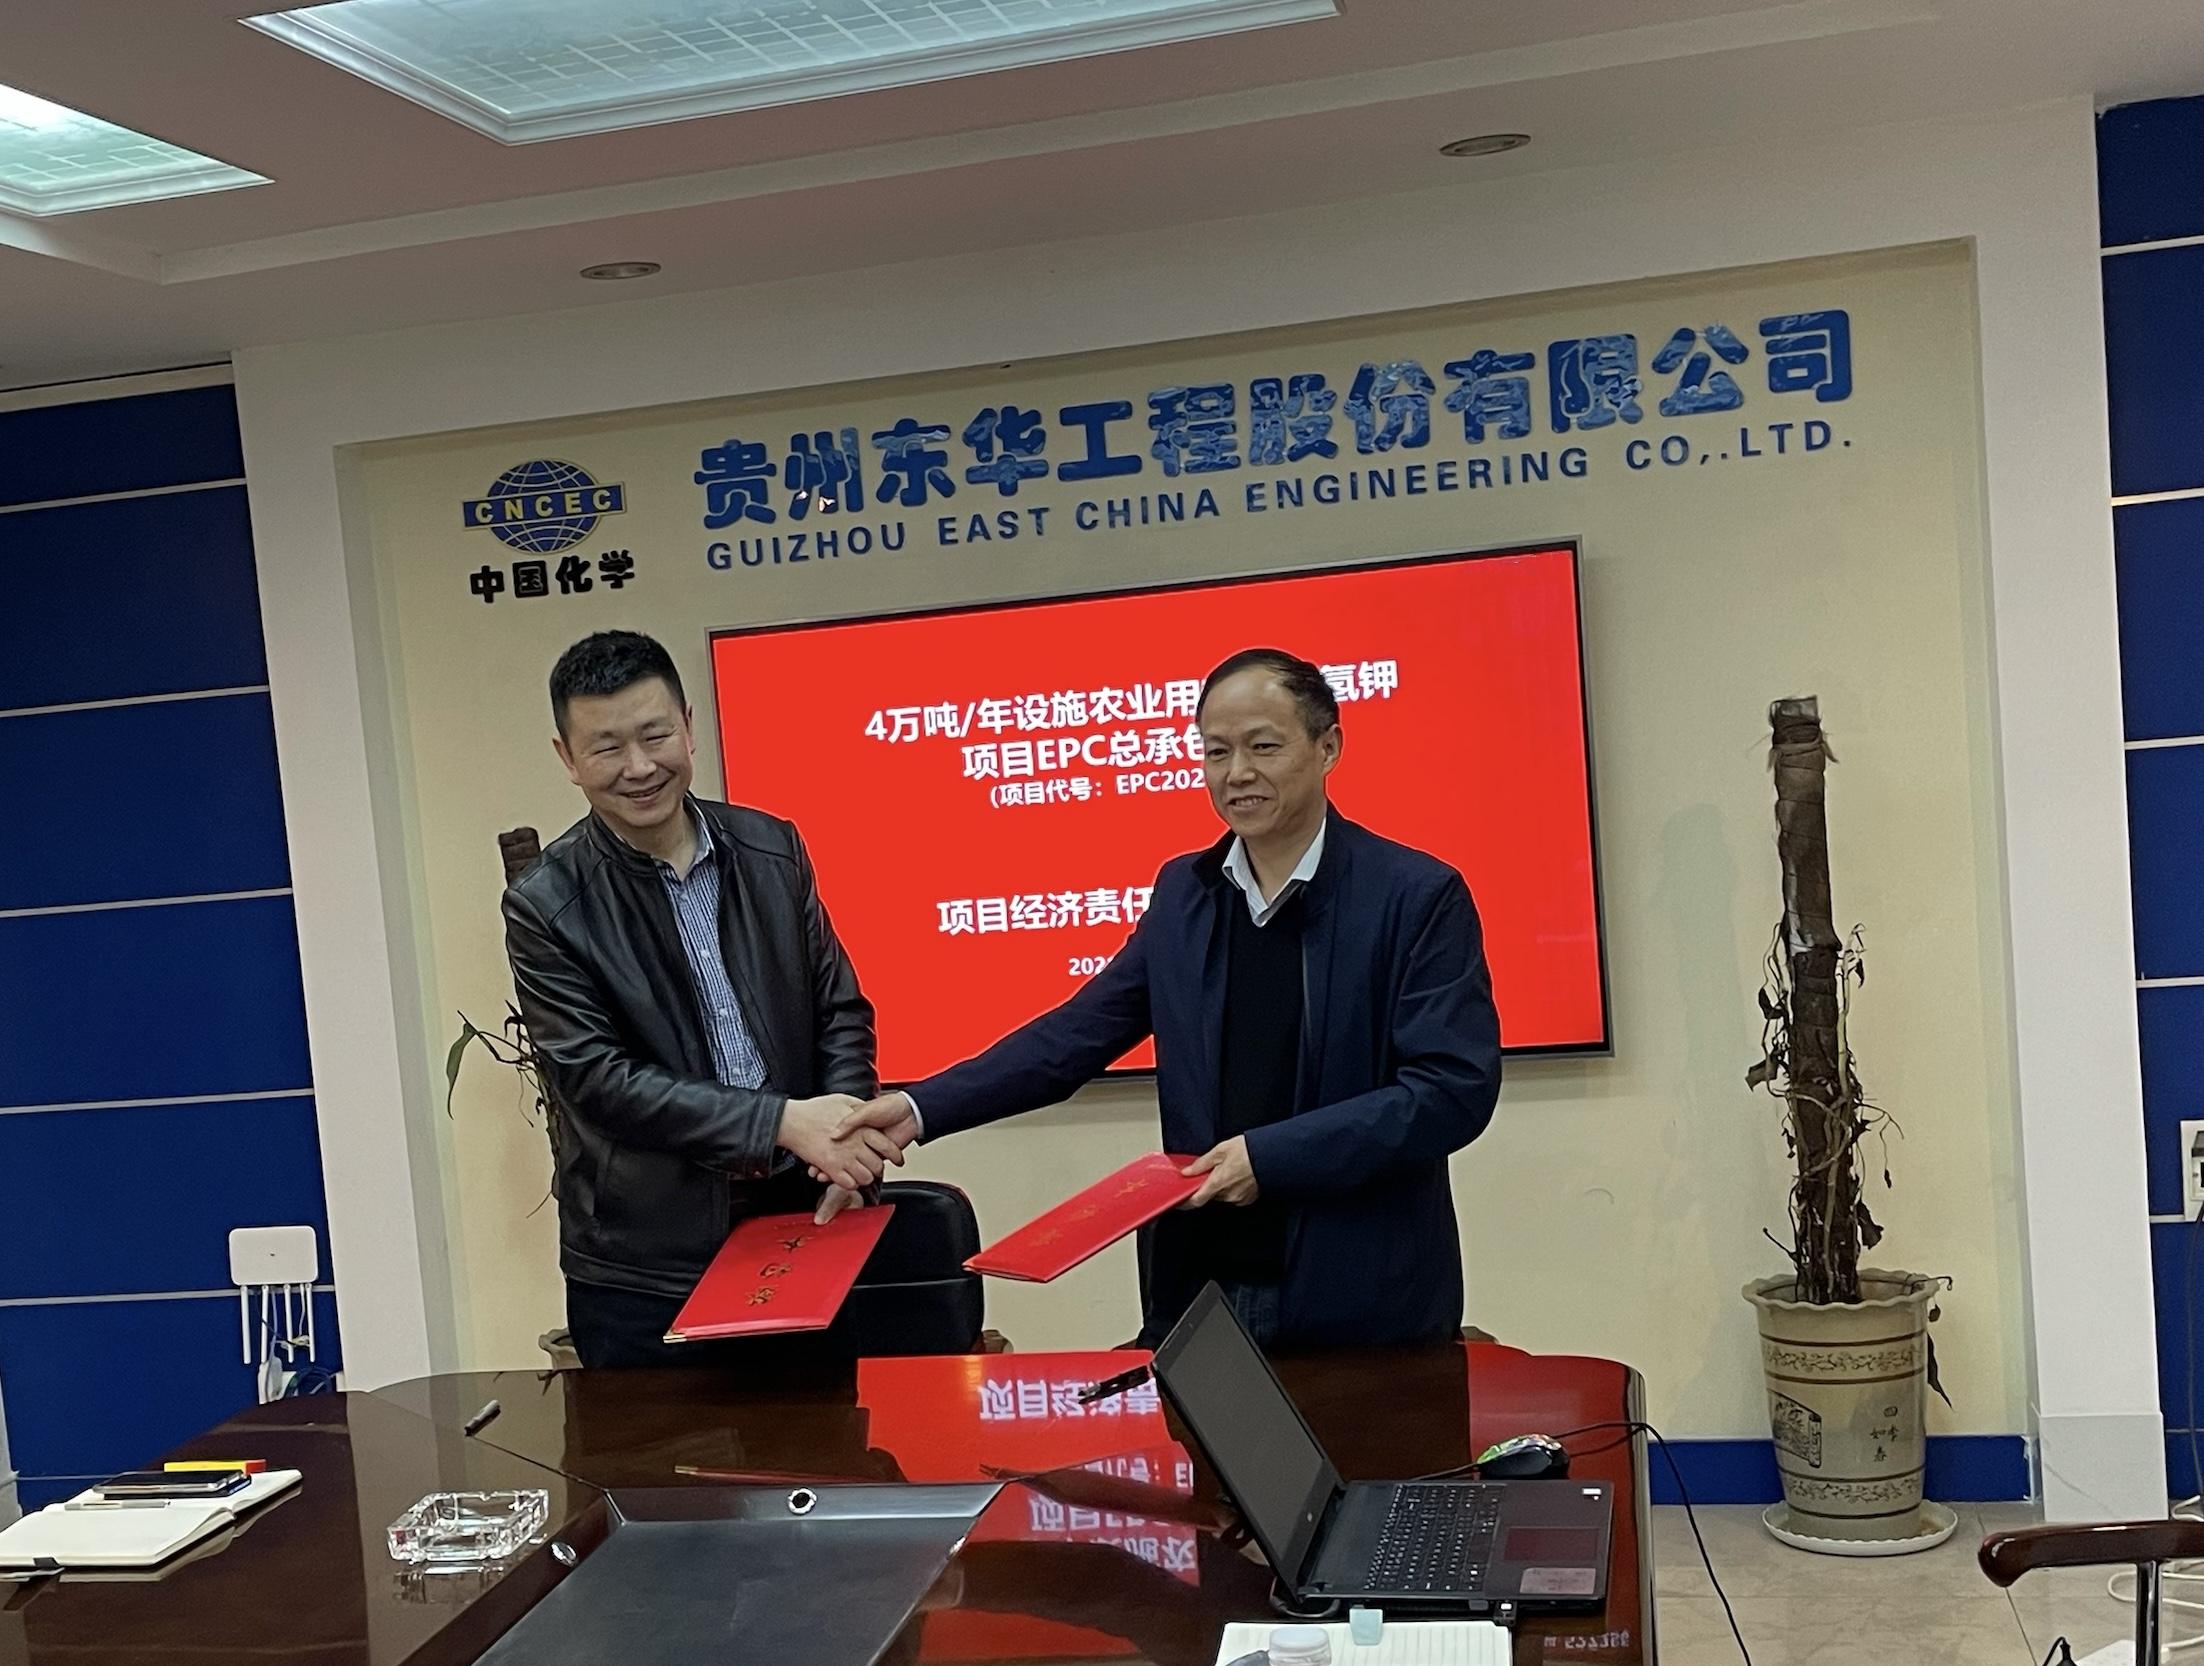 澳门棋牌赌博网站东华首个实行风险抵押总承包项目成功签约